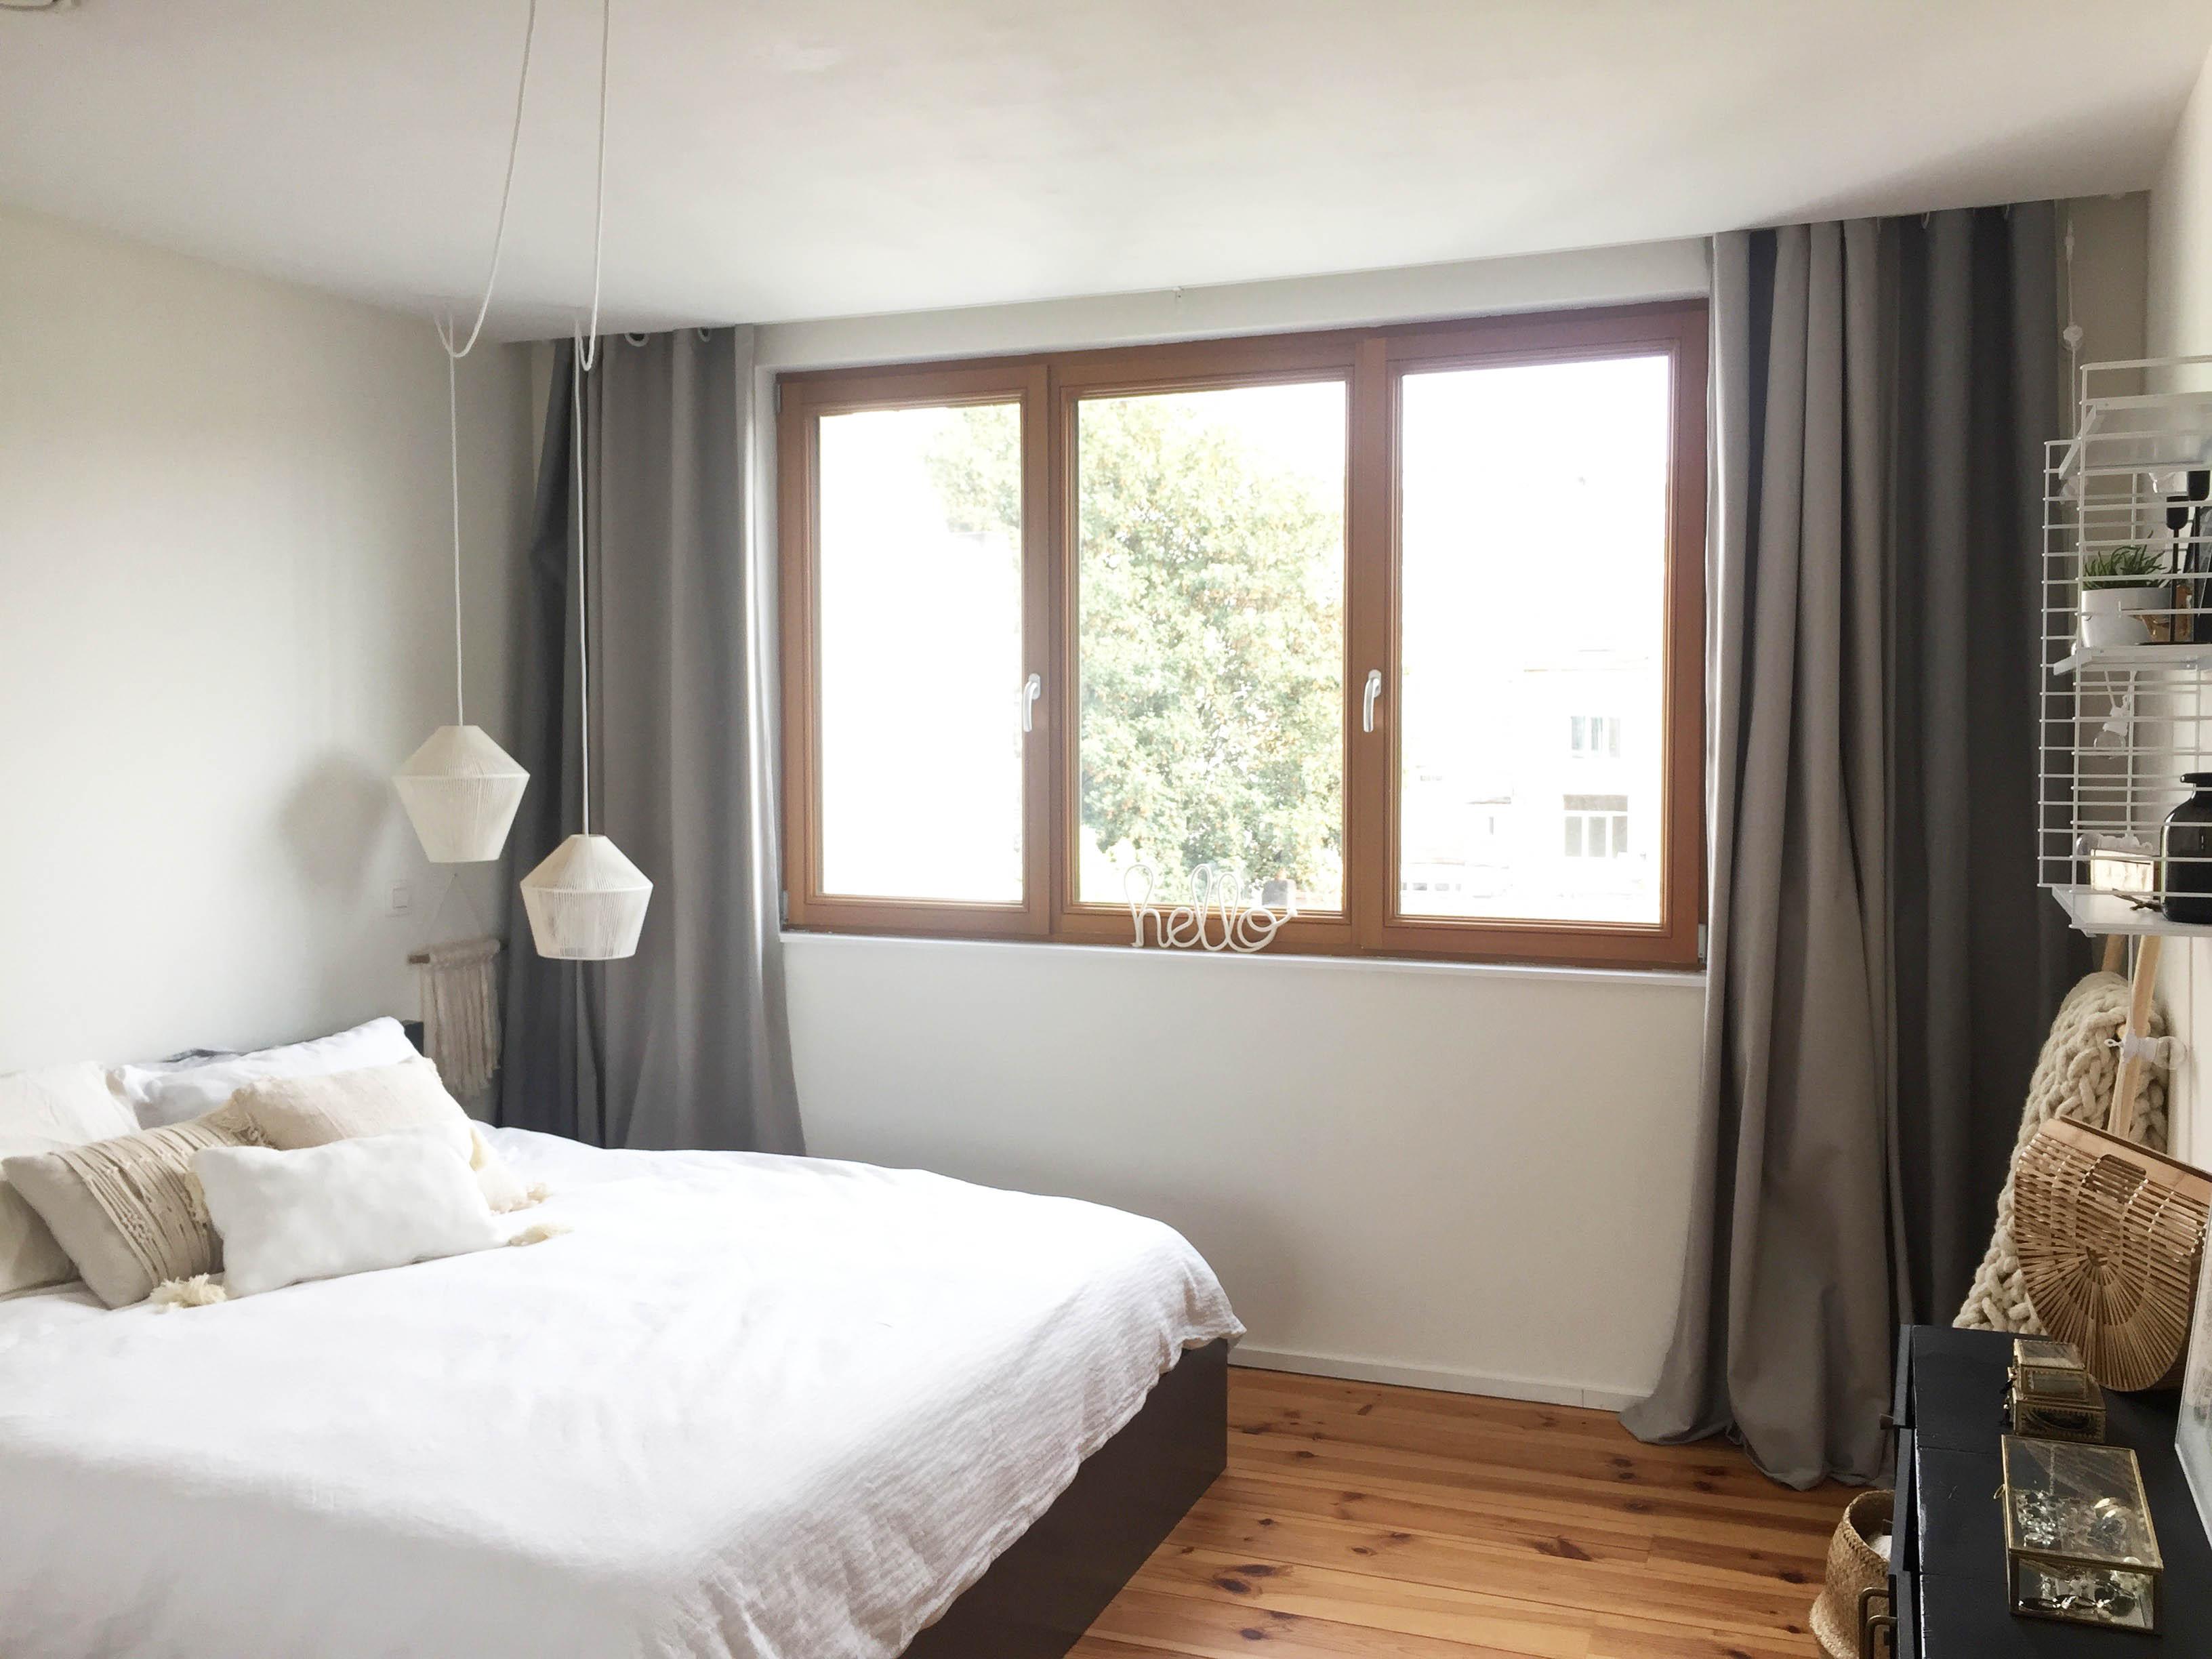 pierre-papier-ciseaux-rideaux-chambre-heytens-avant4 copy